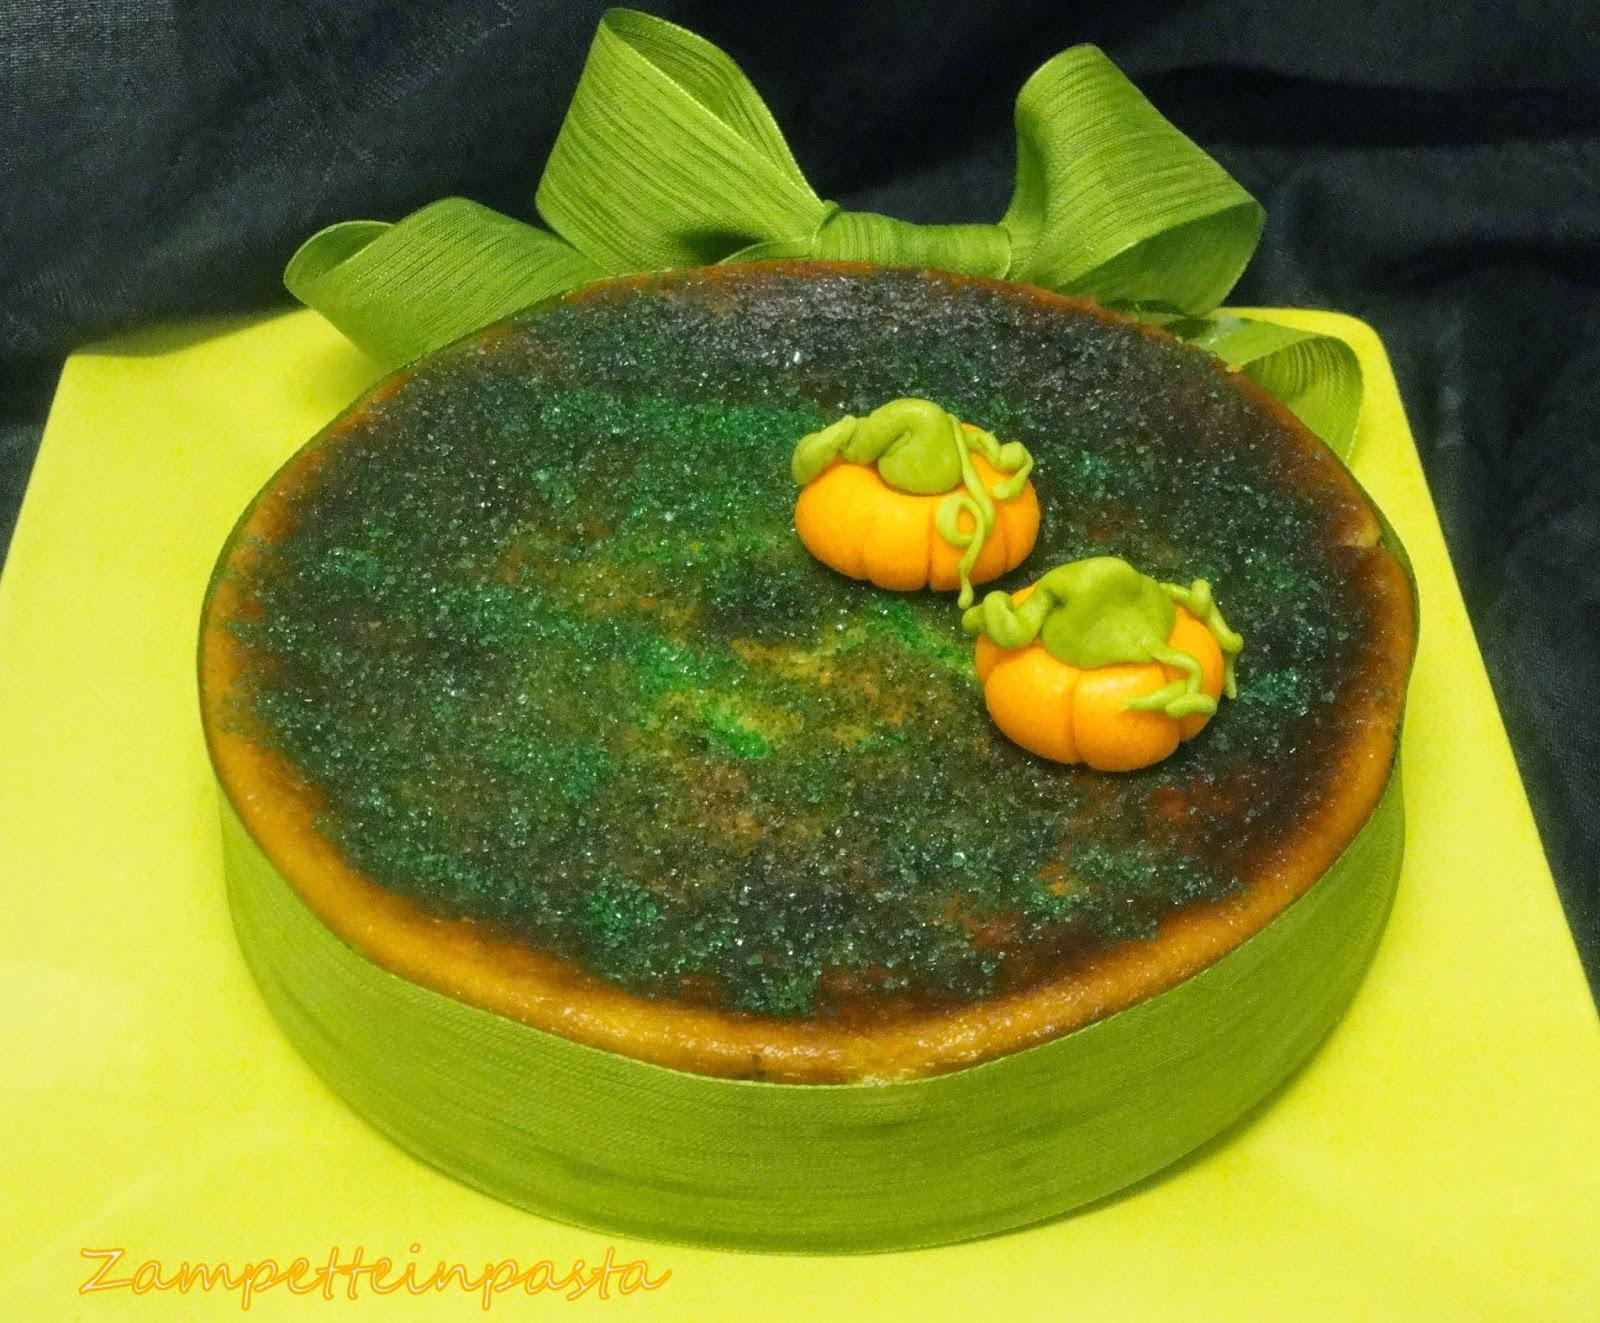 Cheesecake alla zucca - Ricetta per Halloween